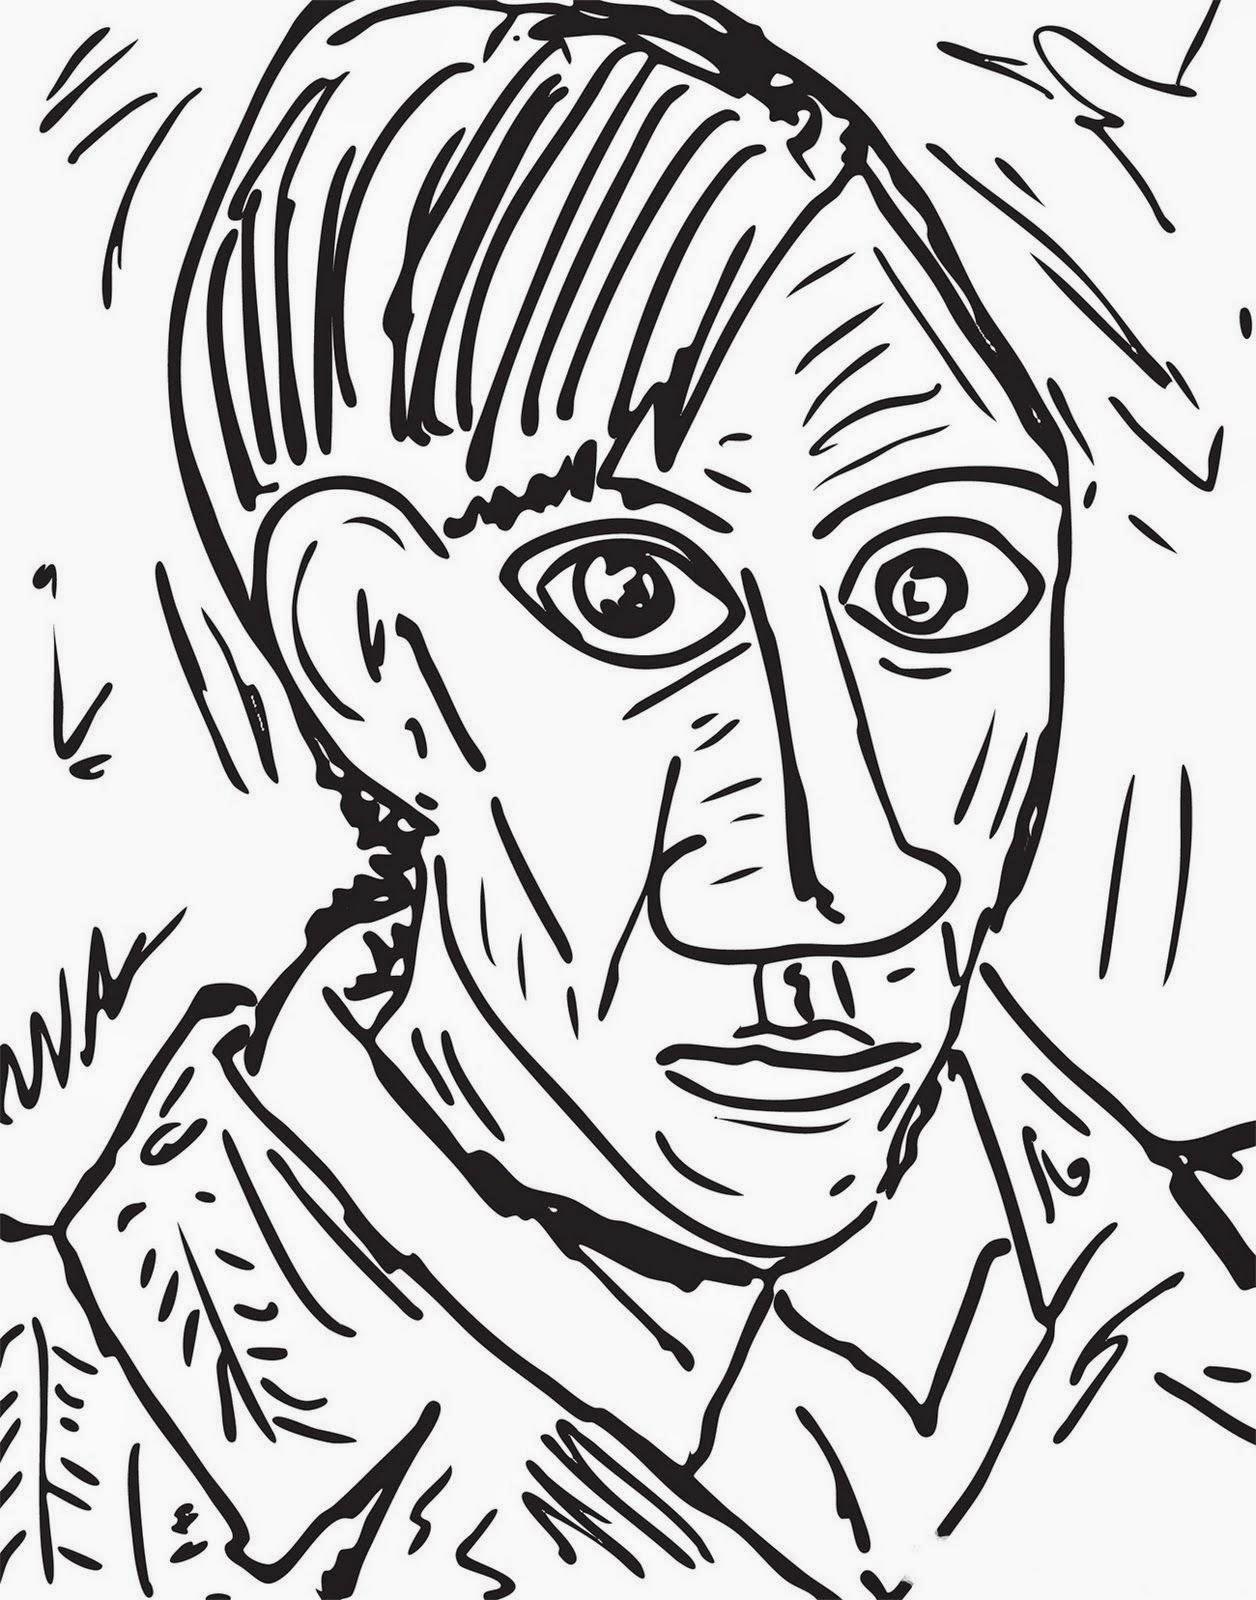 Pintores Famosos Pablo Picasso Para Ninos Cuadros Para Colorear Caricaturas Y Fotos De